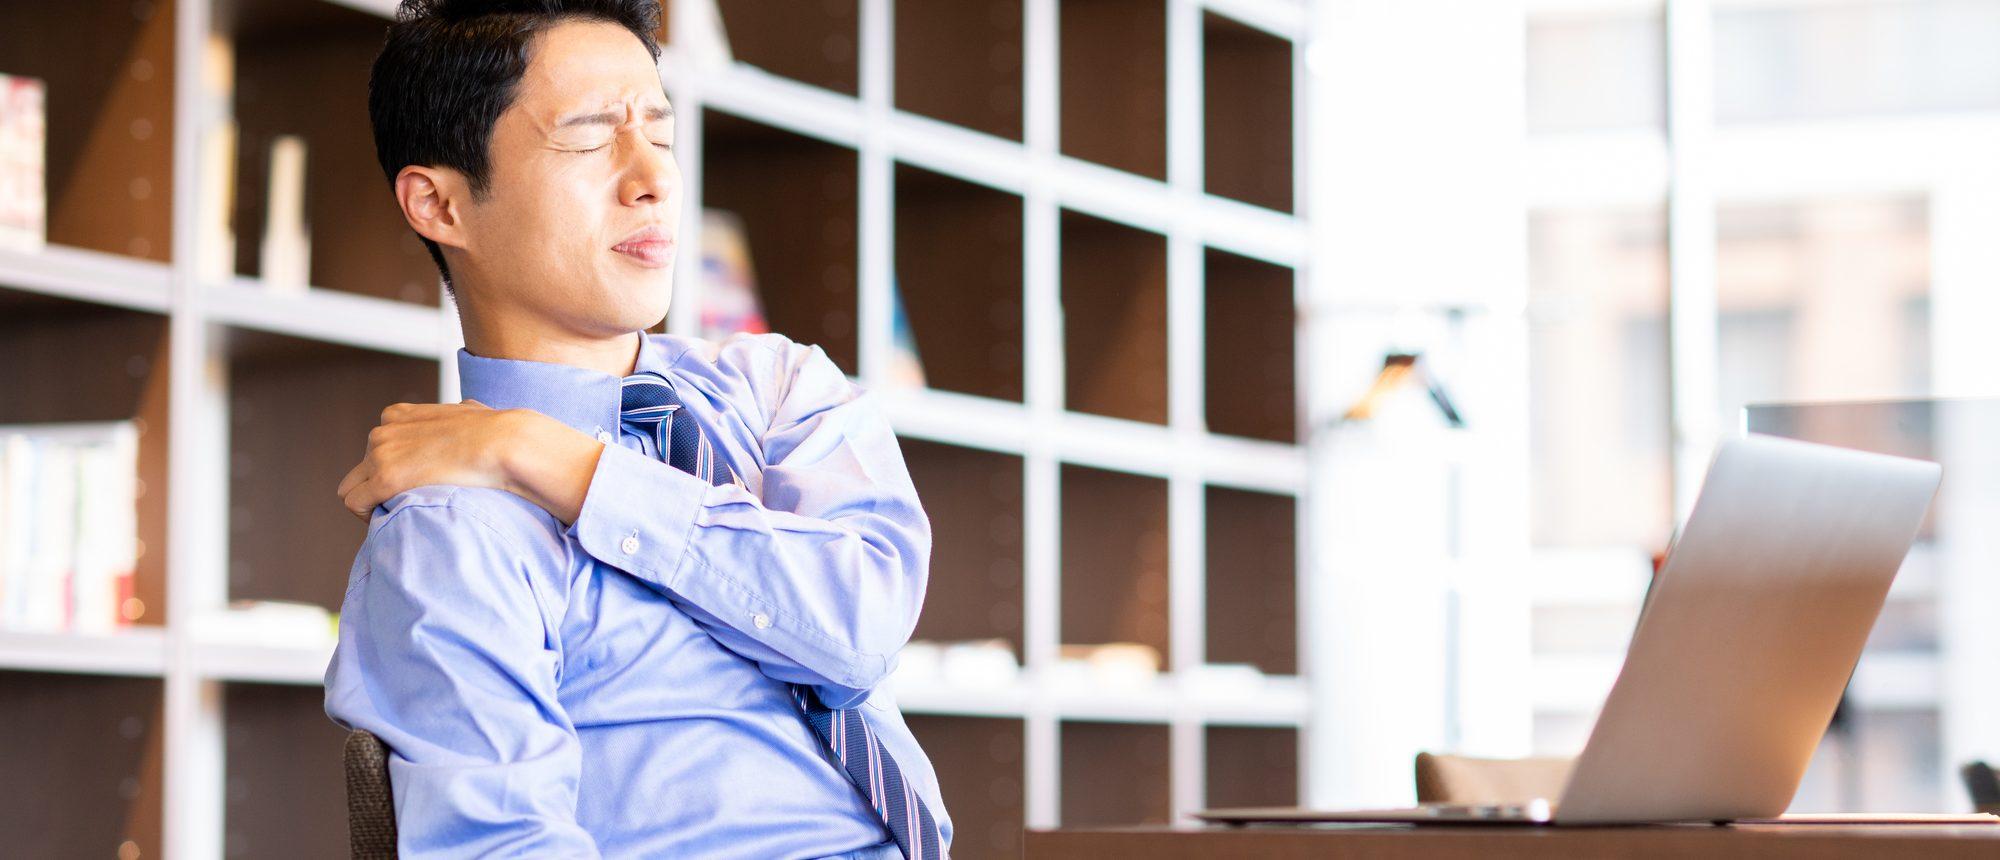 肩こり・肩の痛み|伊達市のPEP鍼灸整骨院あん摩マッサージ指圧院